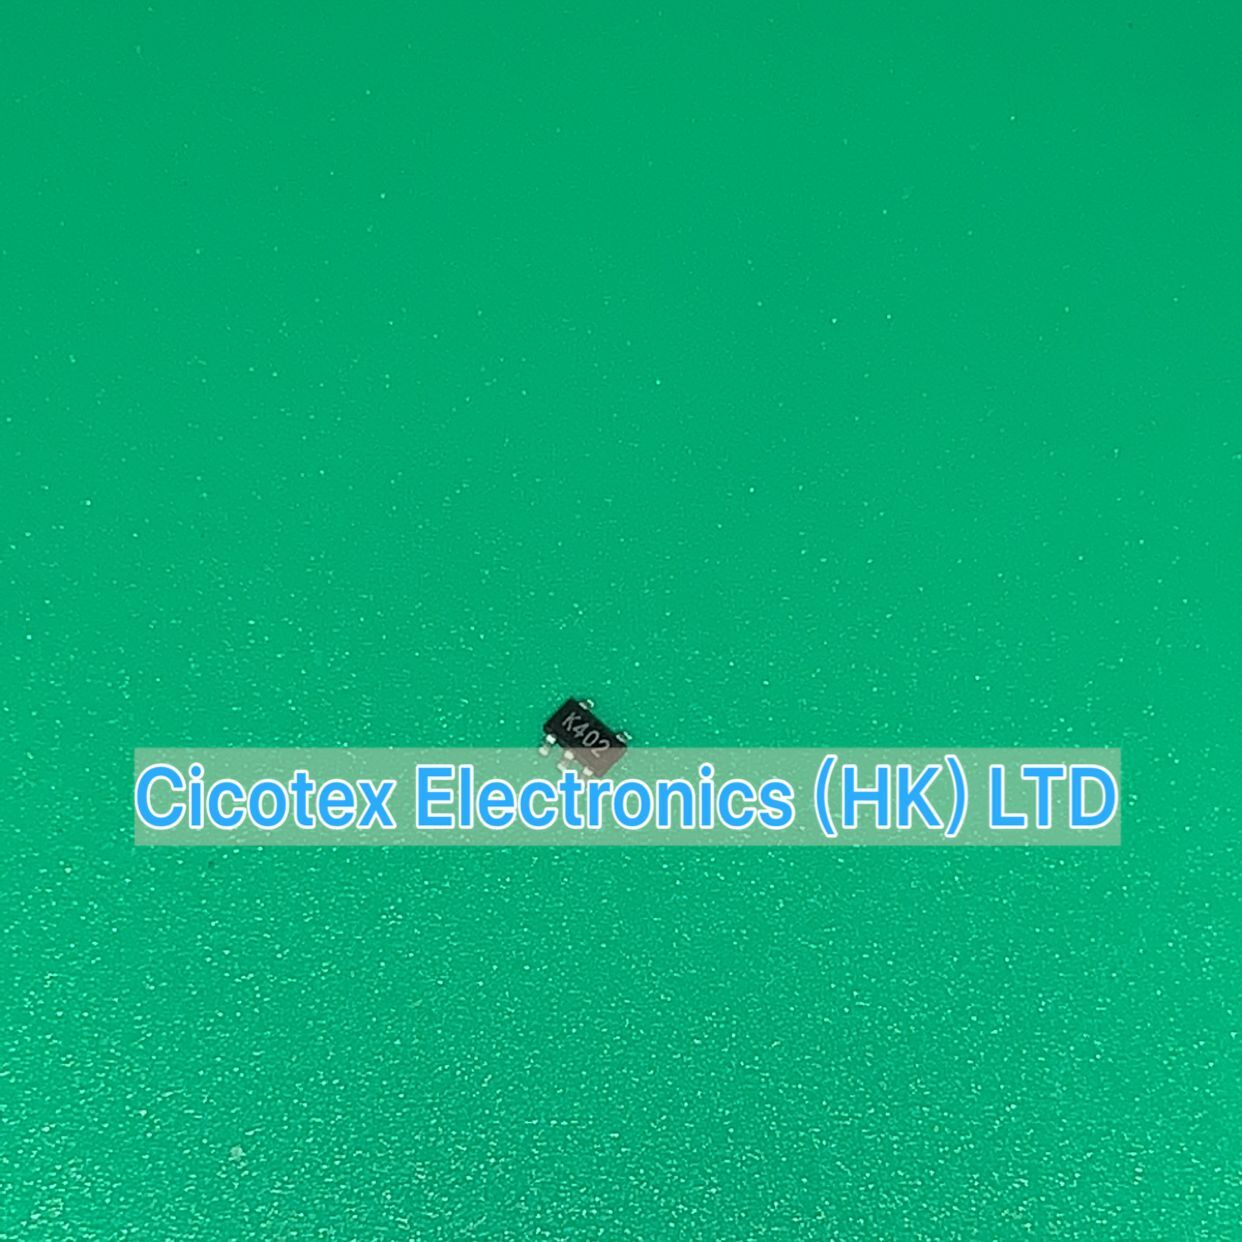 10pcs/lot TS321AILT K402 SOT-23-5 TS 321 AILT IC OPAMP GP 800KHZ SOT23-5 TS321AILTR